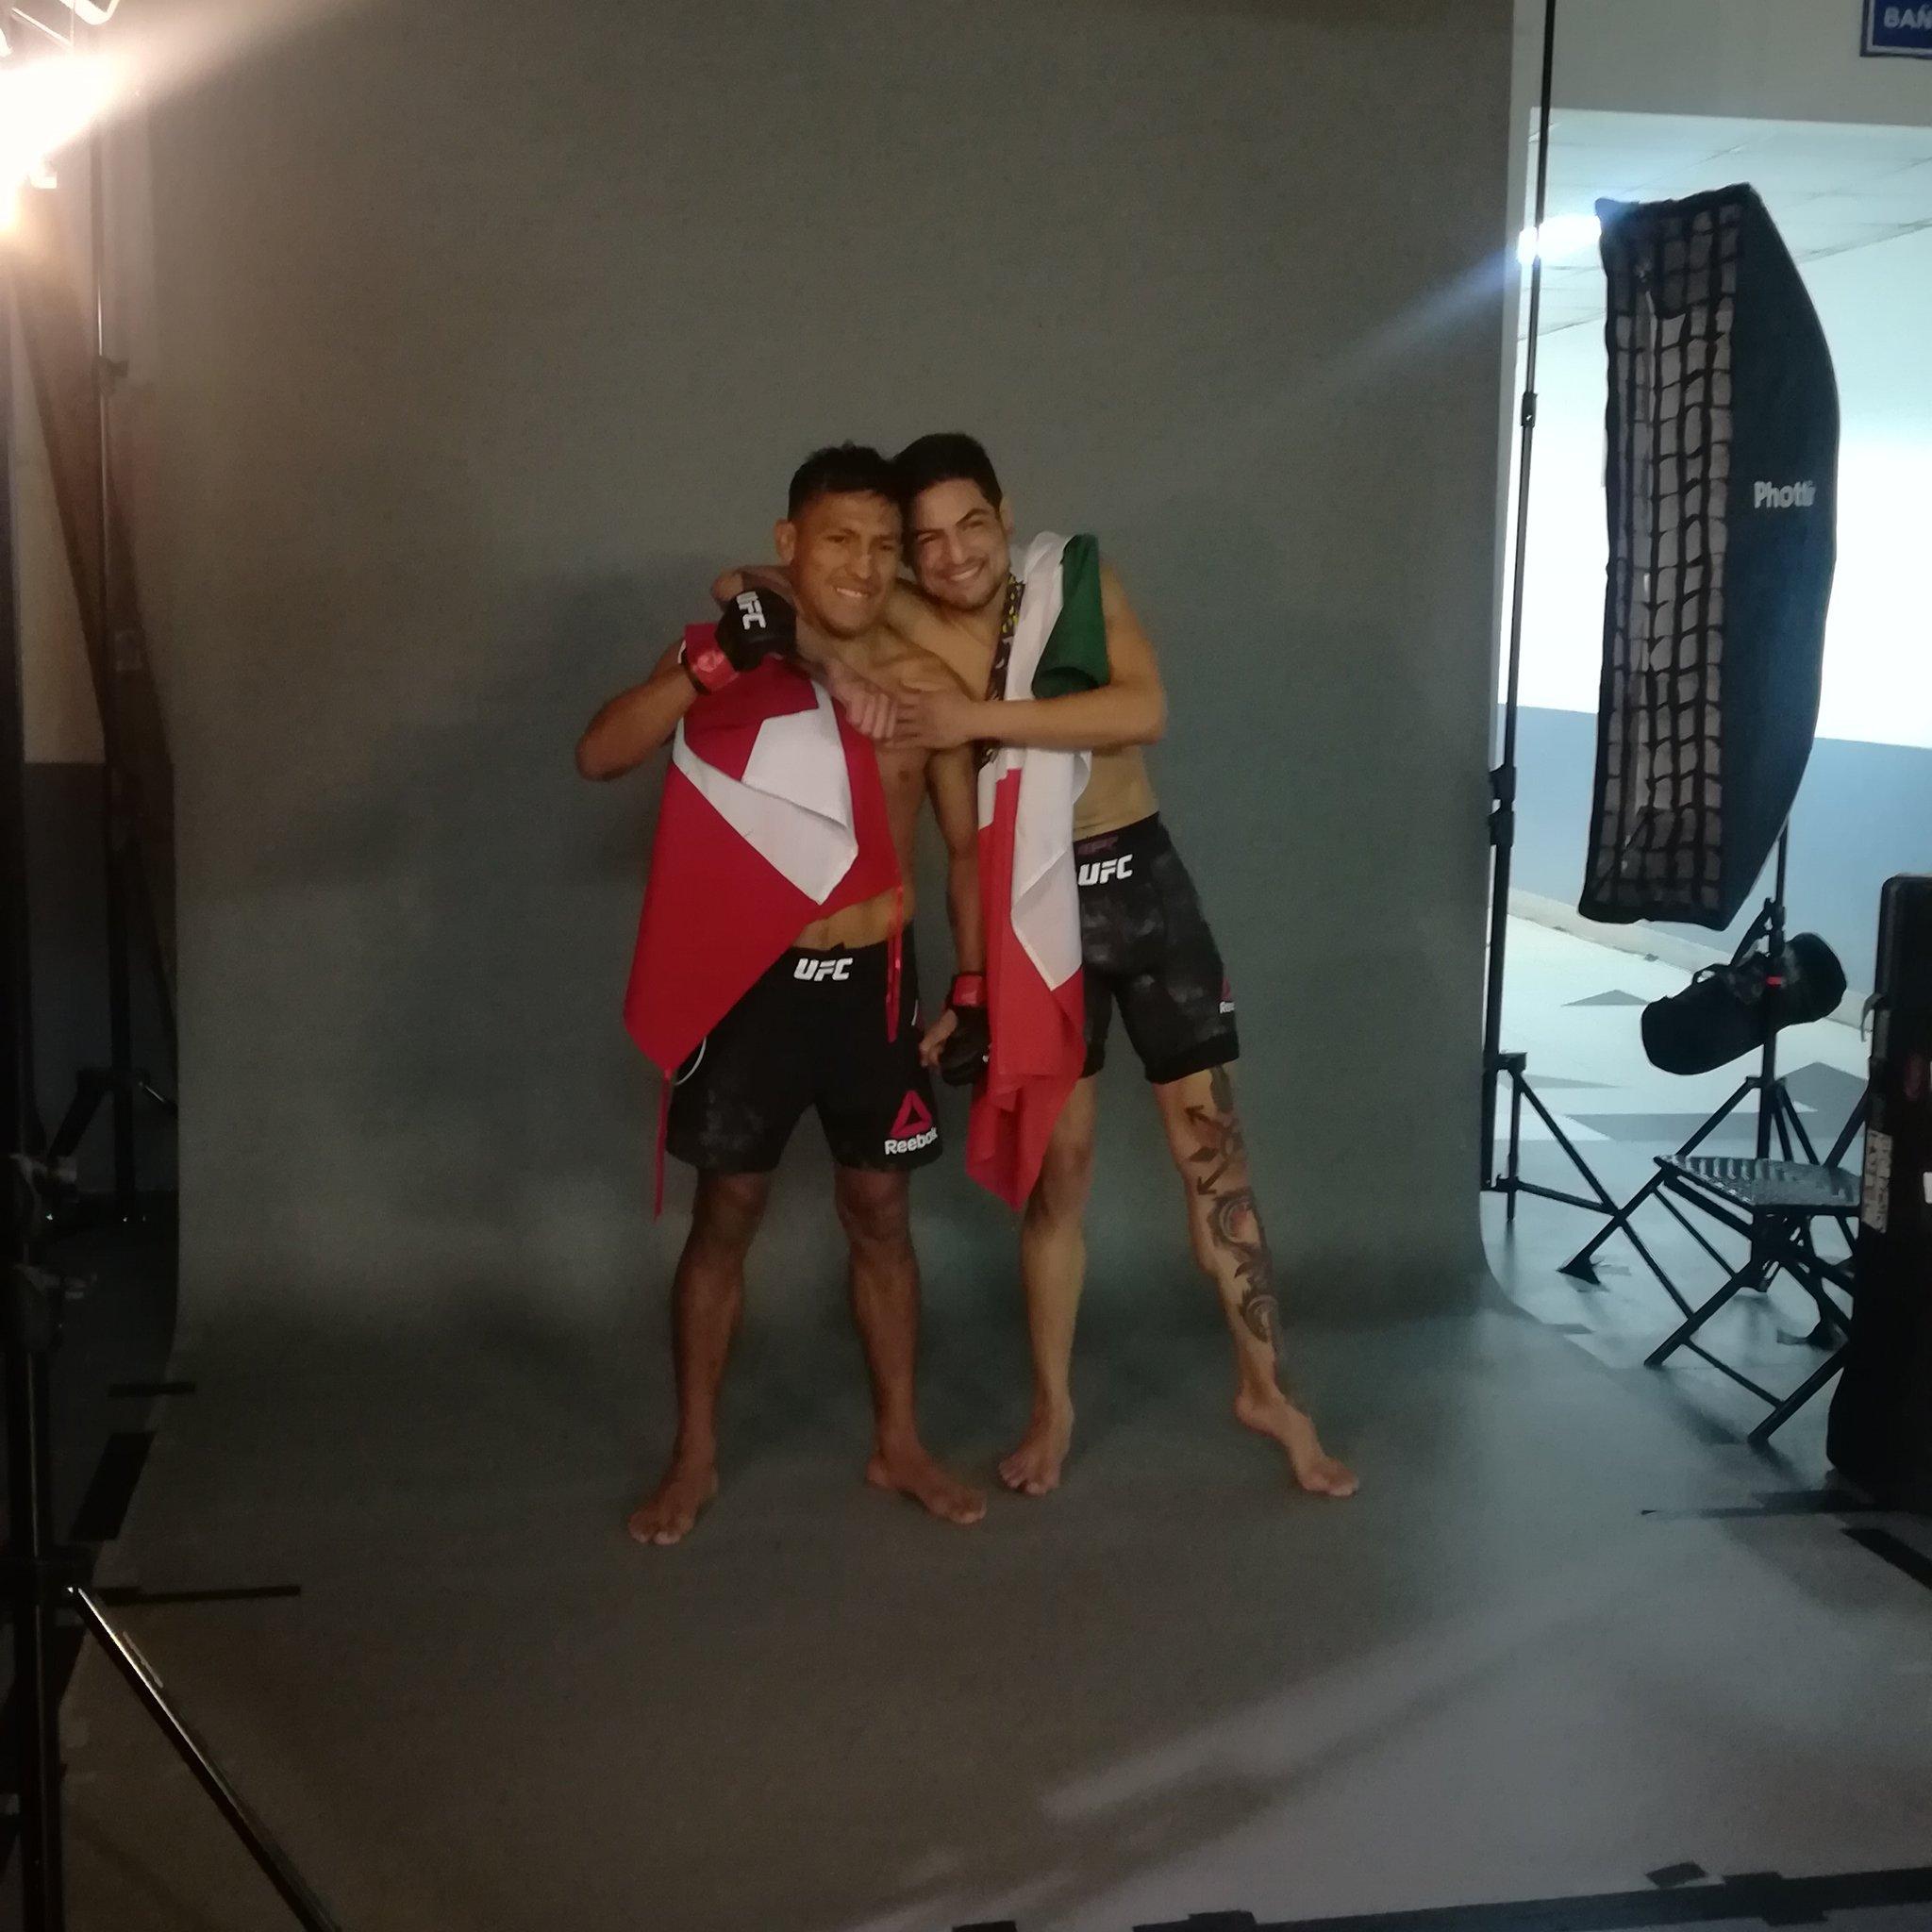 Mᅢᄅxico y Perᅢᄎ disfrutando victorias juntos! ゚ヌᄇ゚ヌᄑ゚ヌᄉ゚ヌᆰ゚ヌᄇ゚ヌᄑ゚ヌᄉ゚ヌᆰ゚ヌᄇ゚ヌᄑ゚ヌᄉ゚ヌᆰ゚ヌᄇ゚ヌᄑ #UFCChile https://t.co/yLhBowLmTj